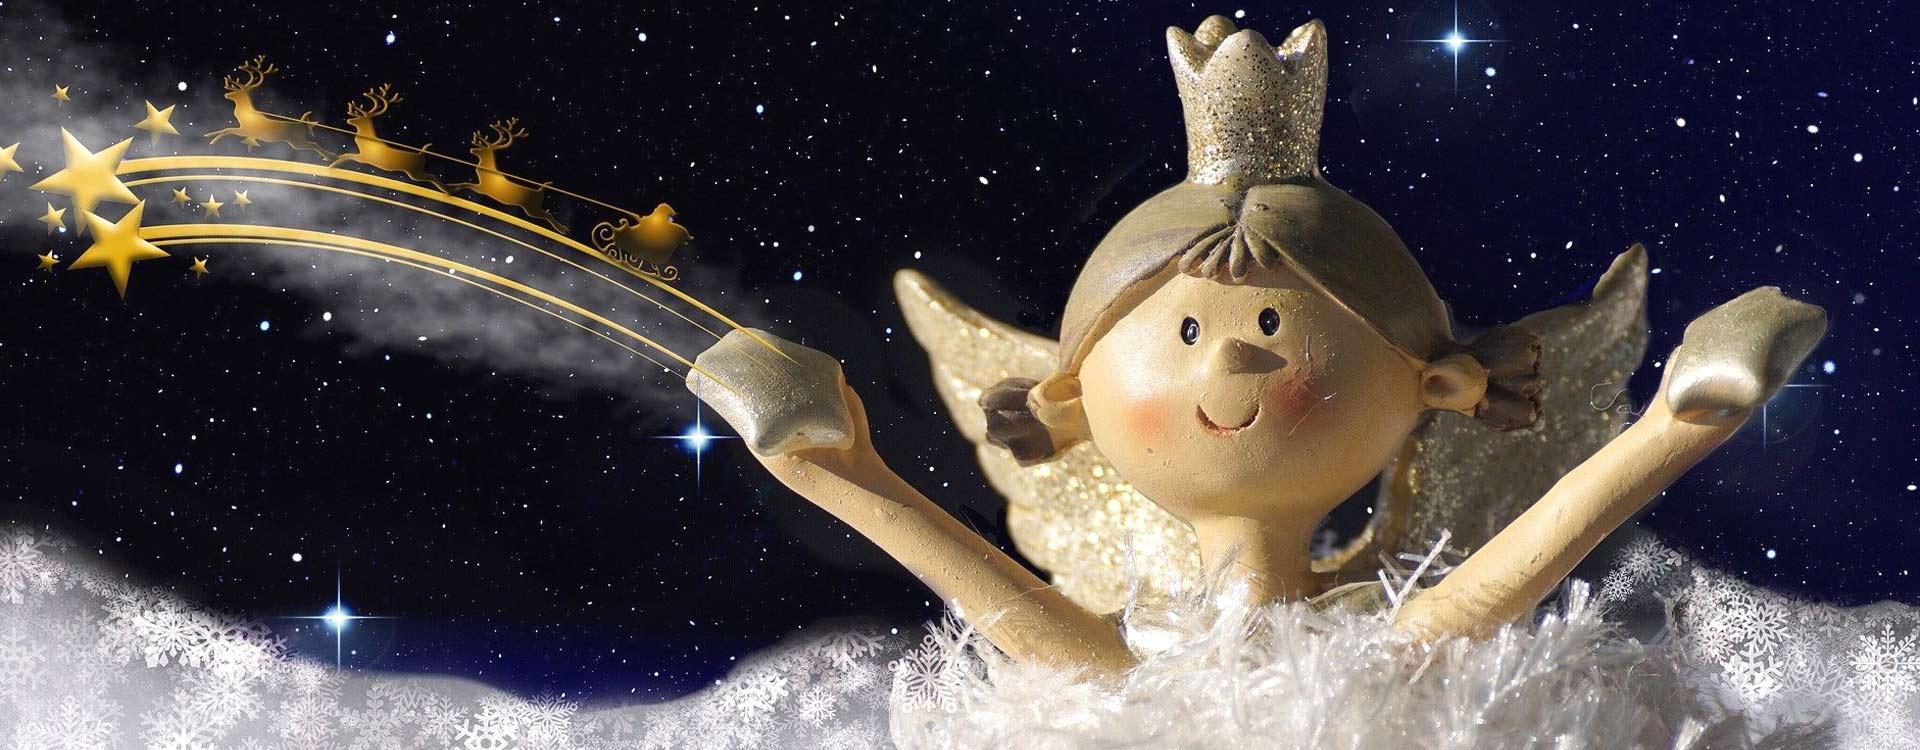 Das Christkind, seine Geschichte und viel nützliches Wissen über Weihnachten